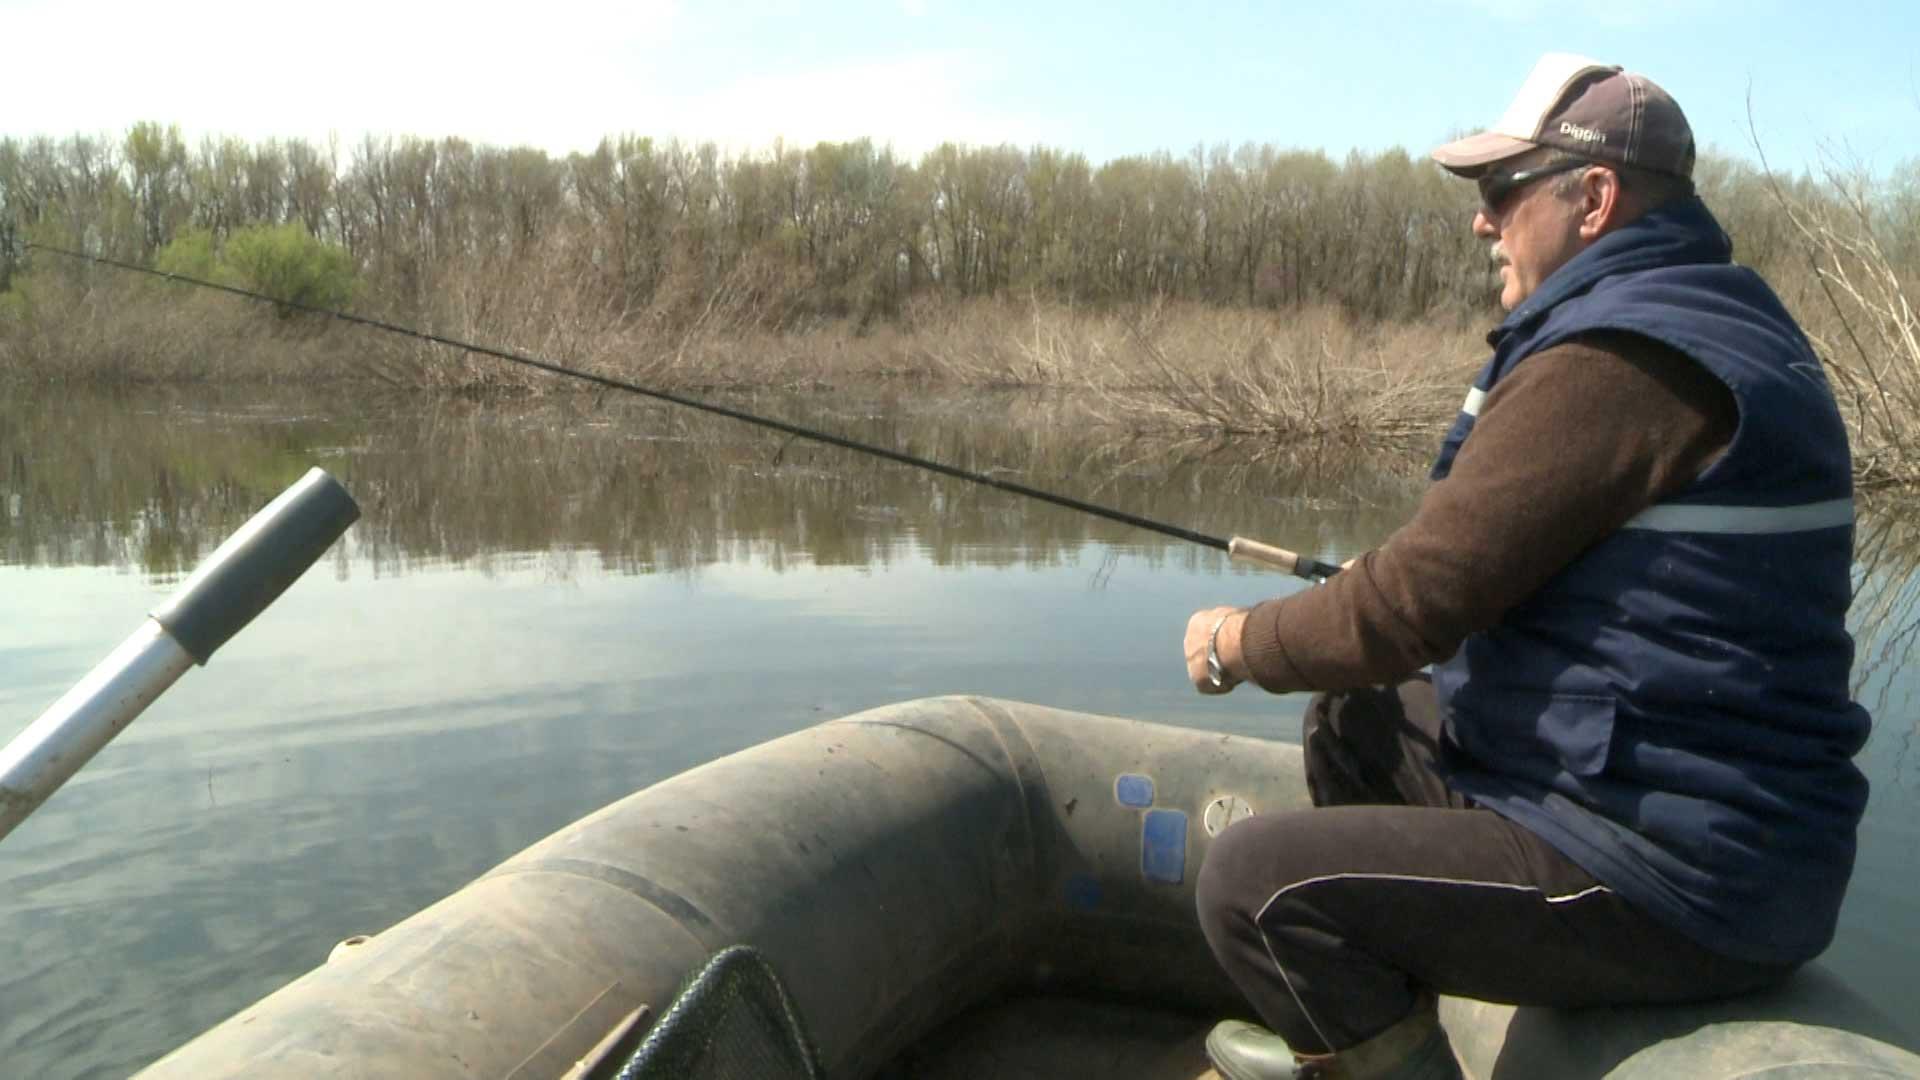 Телеканалы о рыбалке смотреть онлайн. топ 5 каналов о рыбалке. платная рыбалка в подмосковье - смотреть онлайн